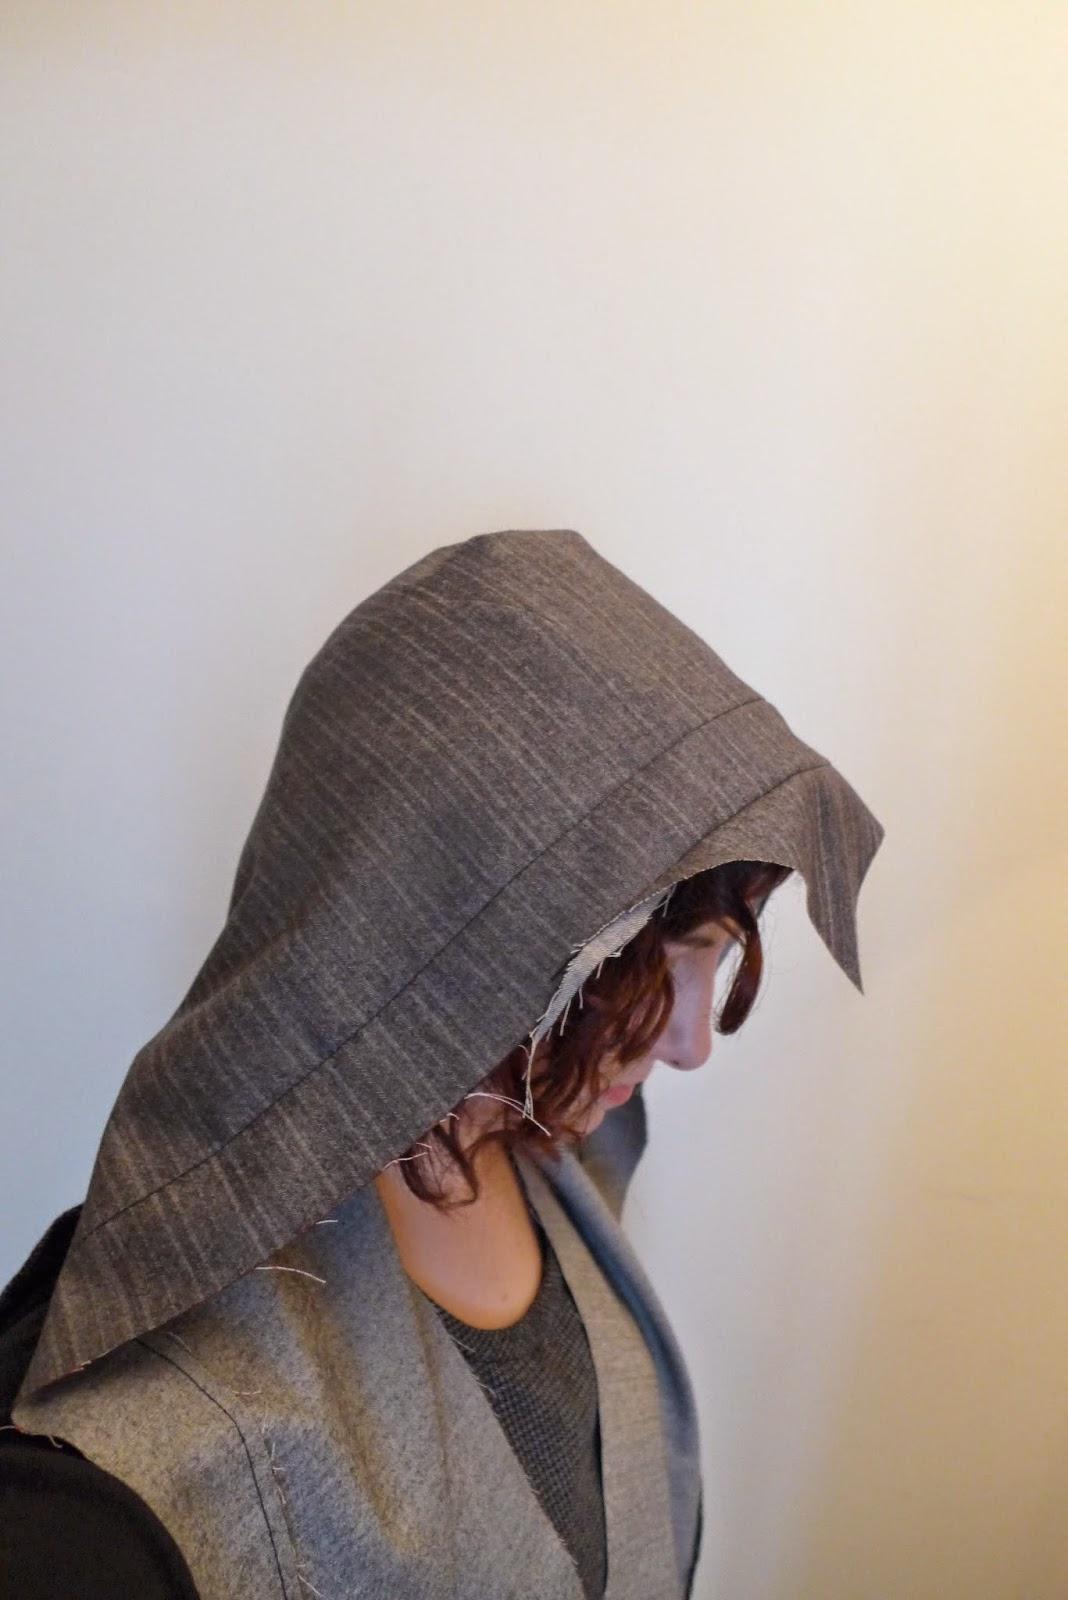 création d'une capuche en couture, Assassin's Creed